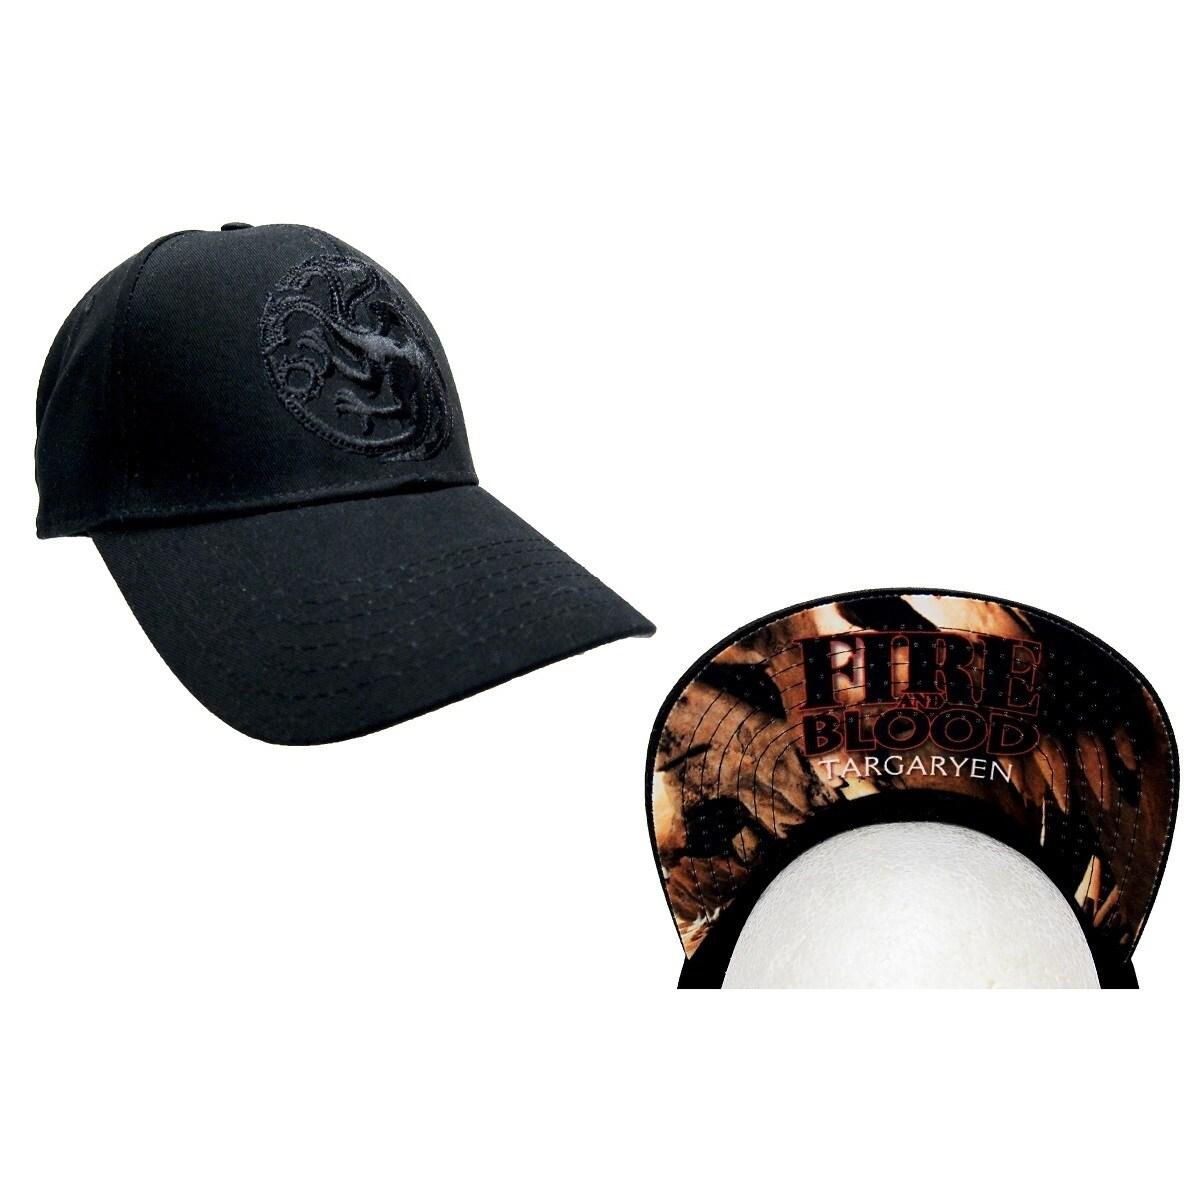 b64526b787e63 Shop Game of Thrones Black House Targaryen Baseball Hat - Free Shipping On  Orders Over  45 - Overstock - 11717407